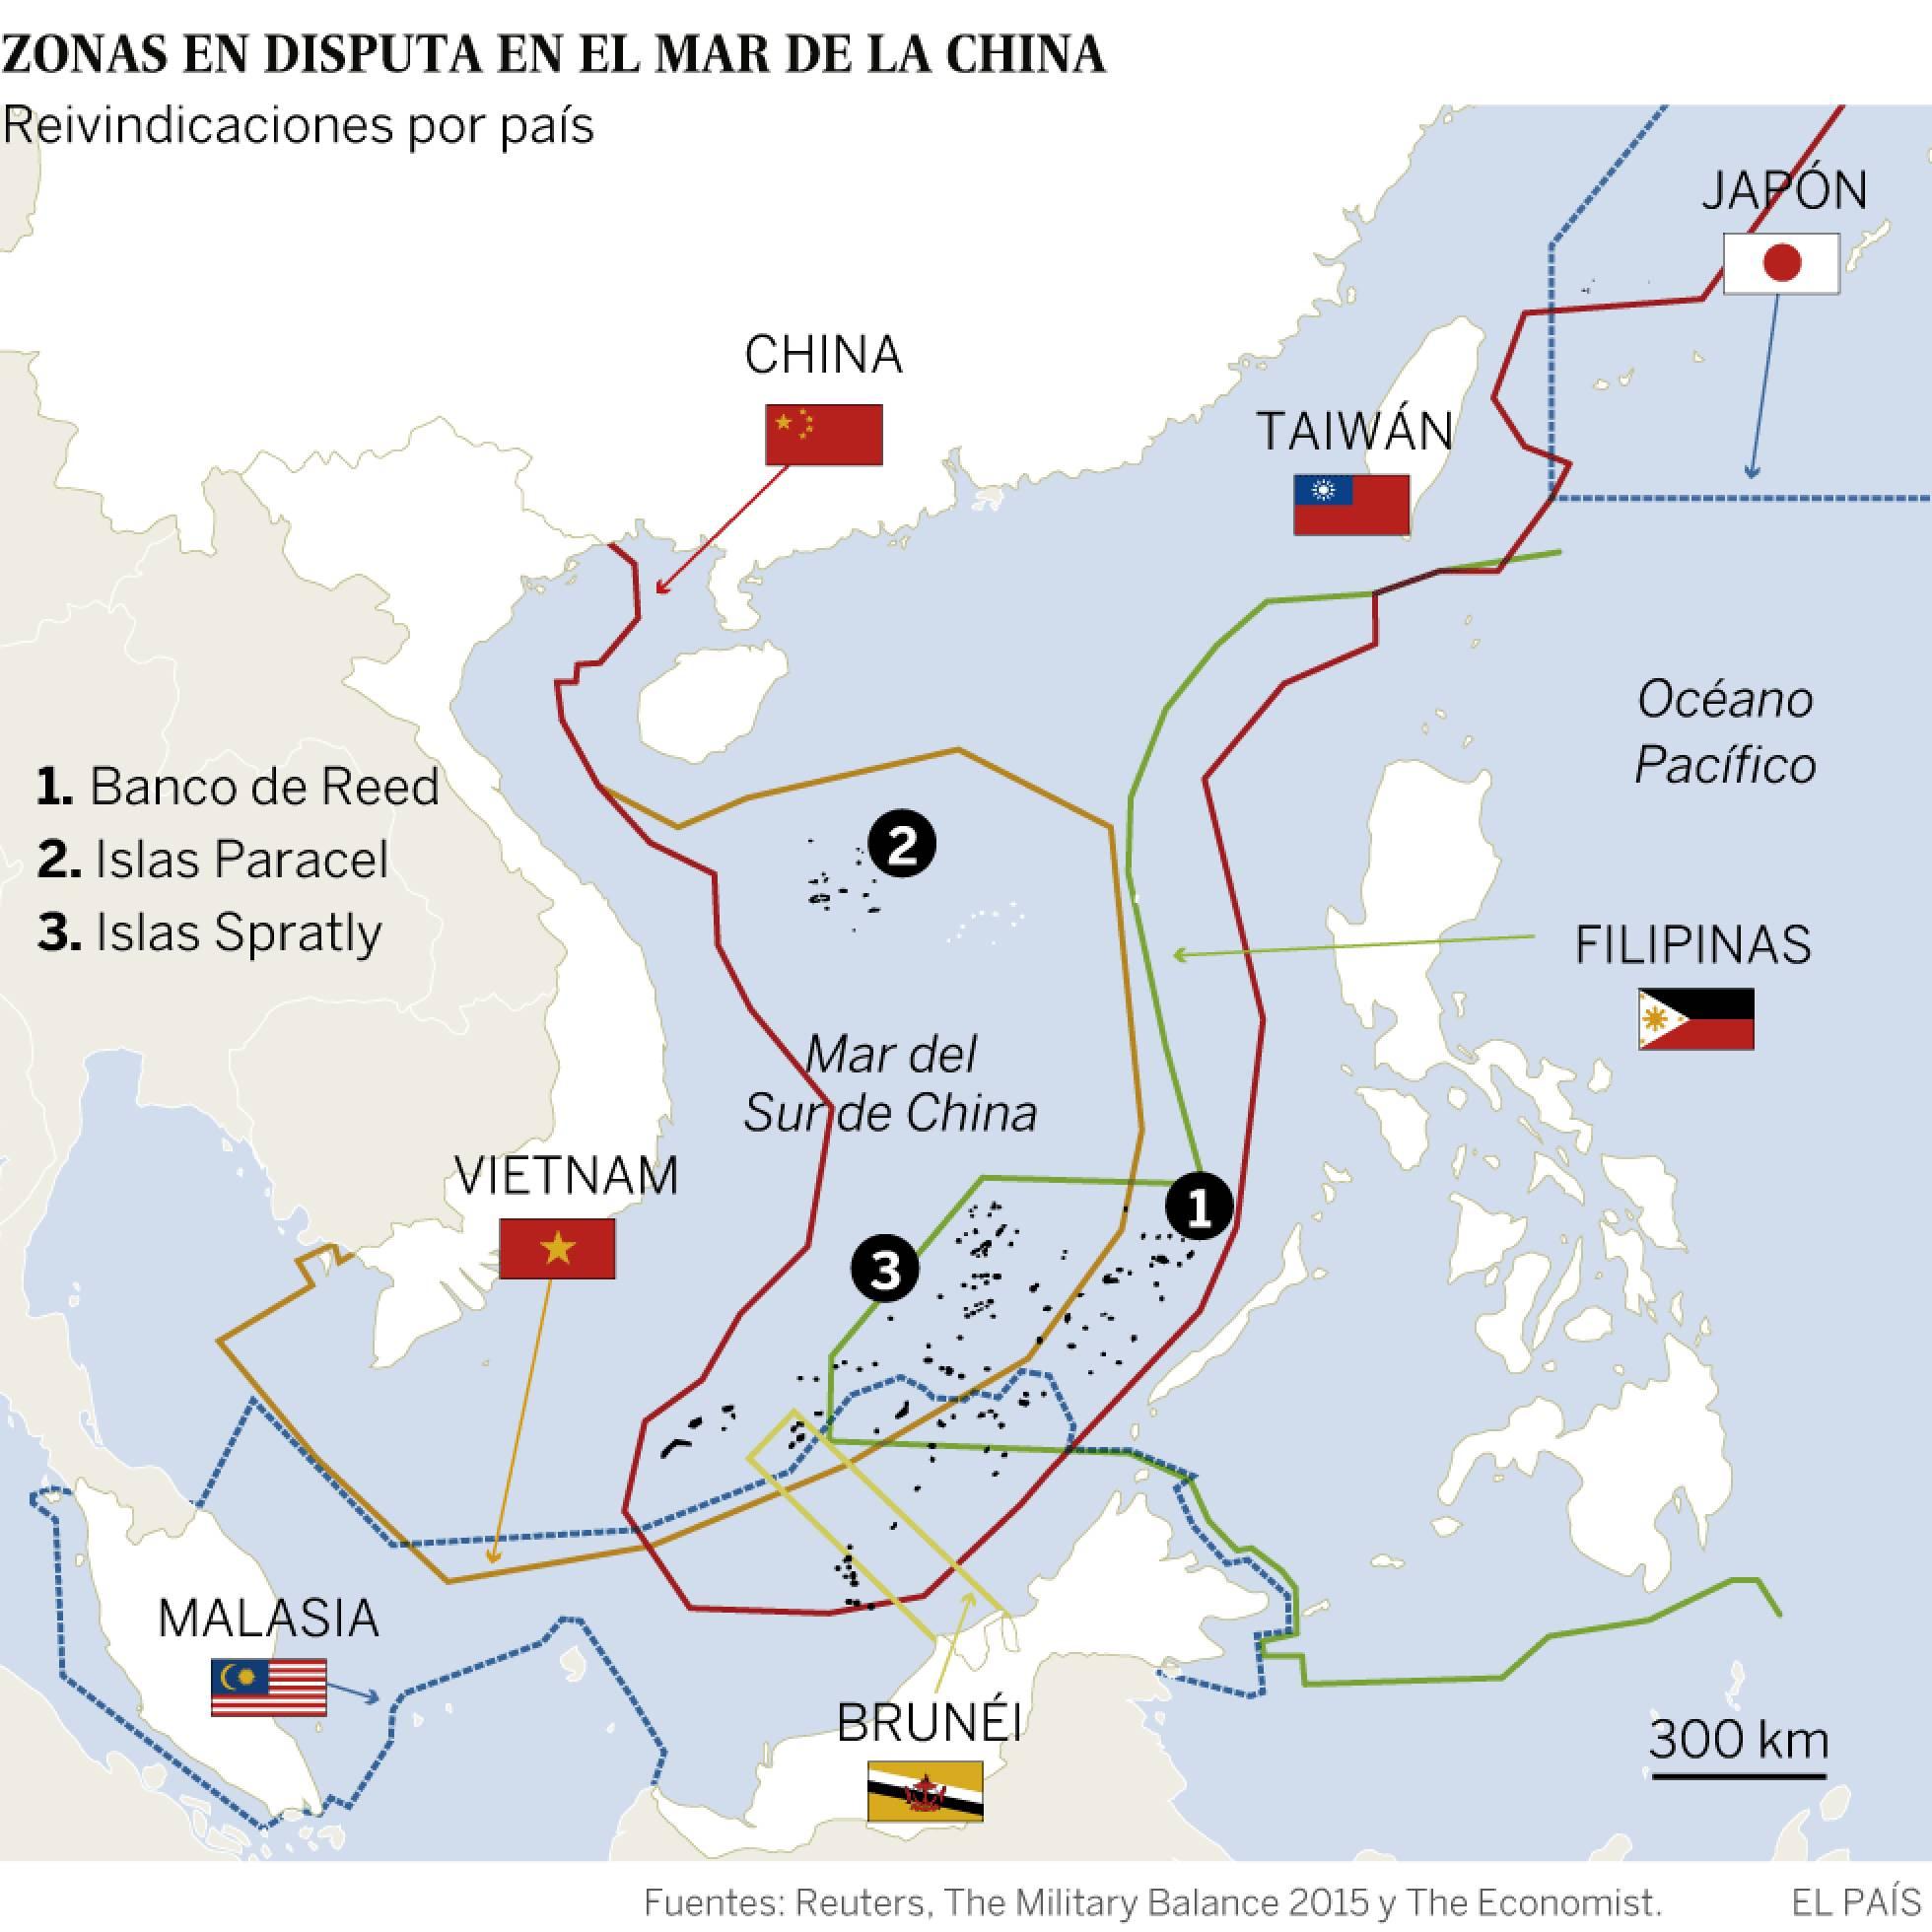 """guerra - Una guerra """"en teoría"""" contra China - Página 4 1484311405_912644_1484332579_sumario_normal_recorte1"""